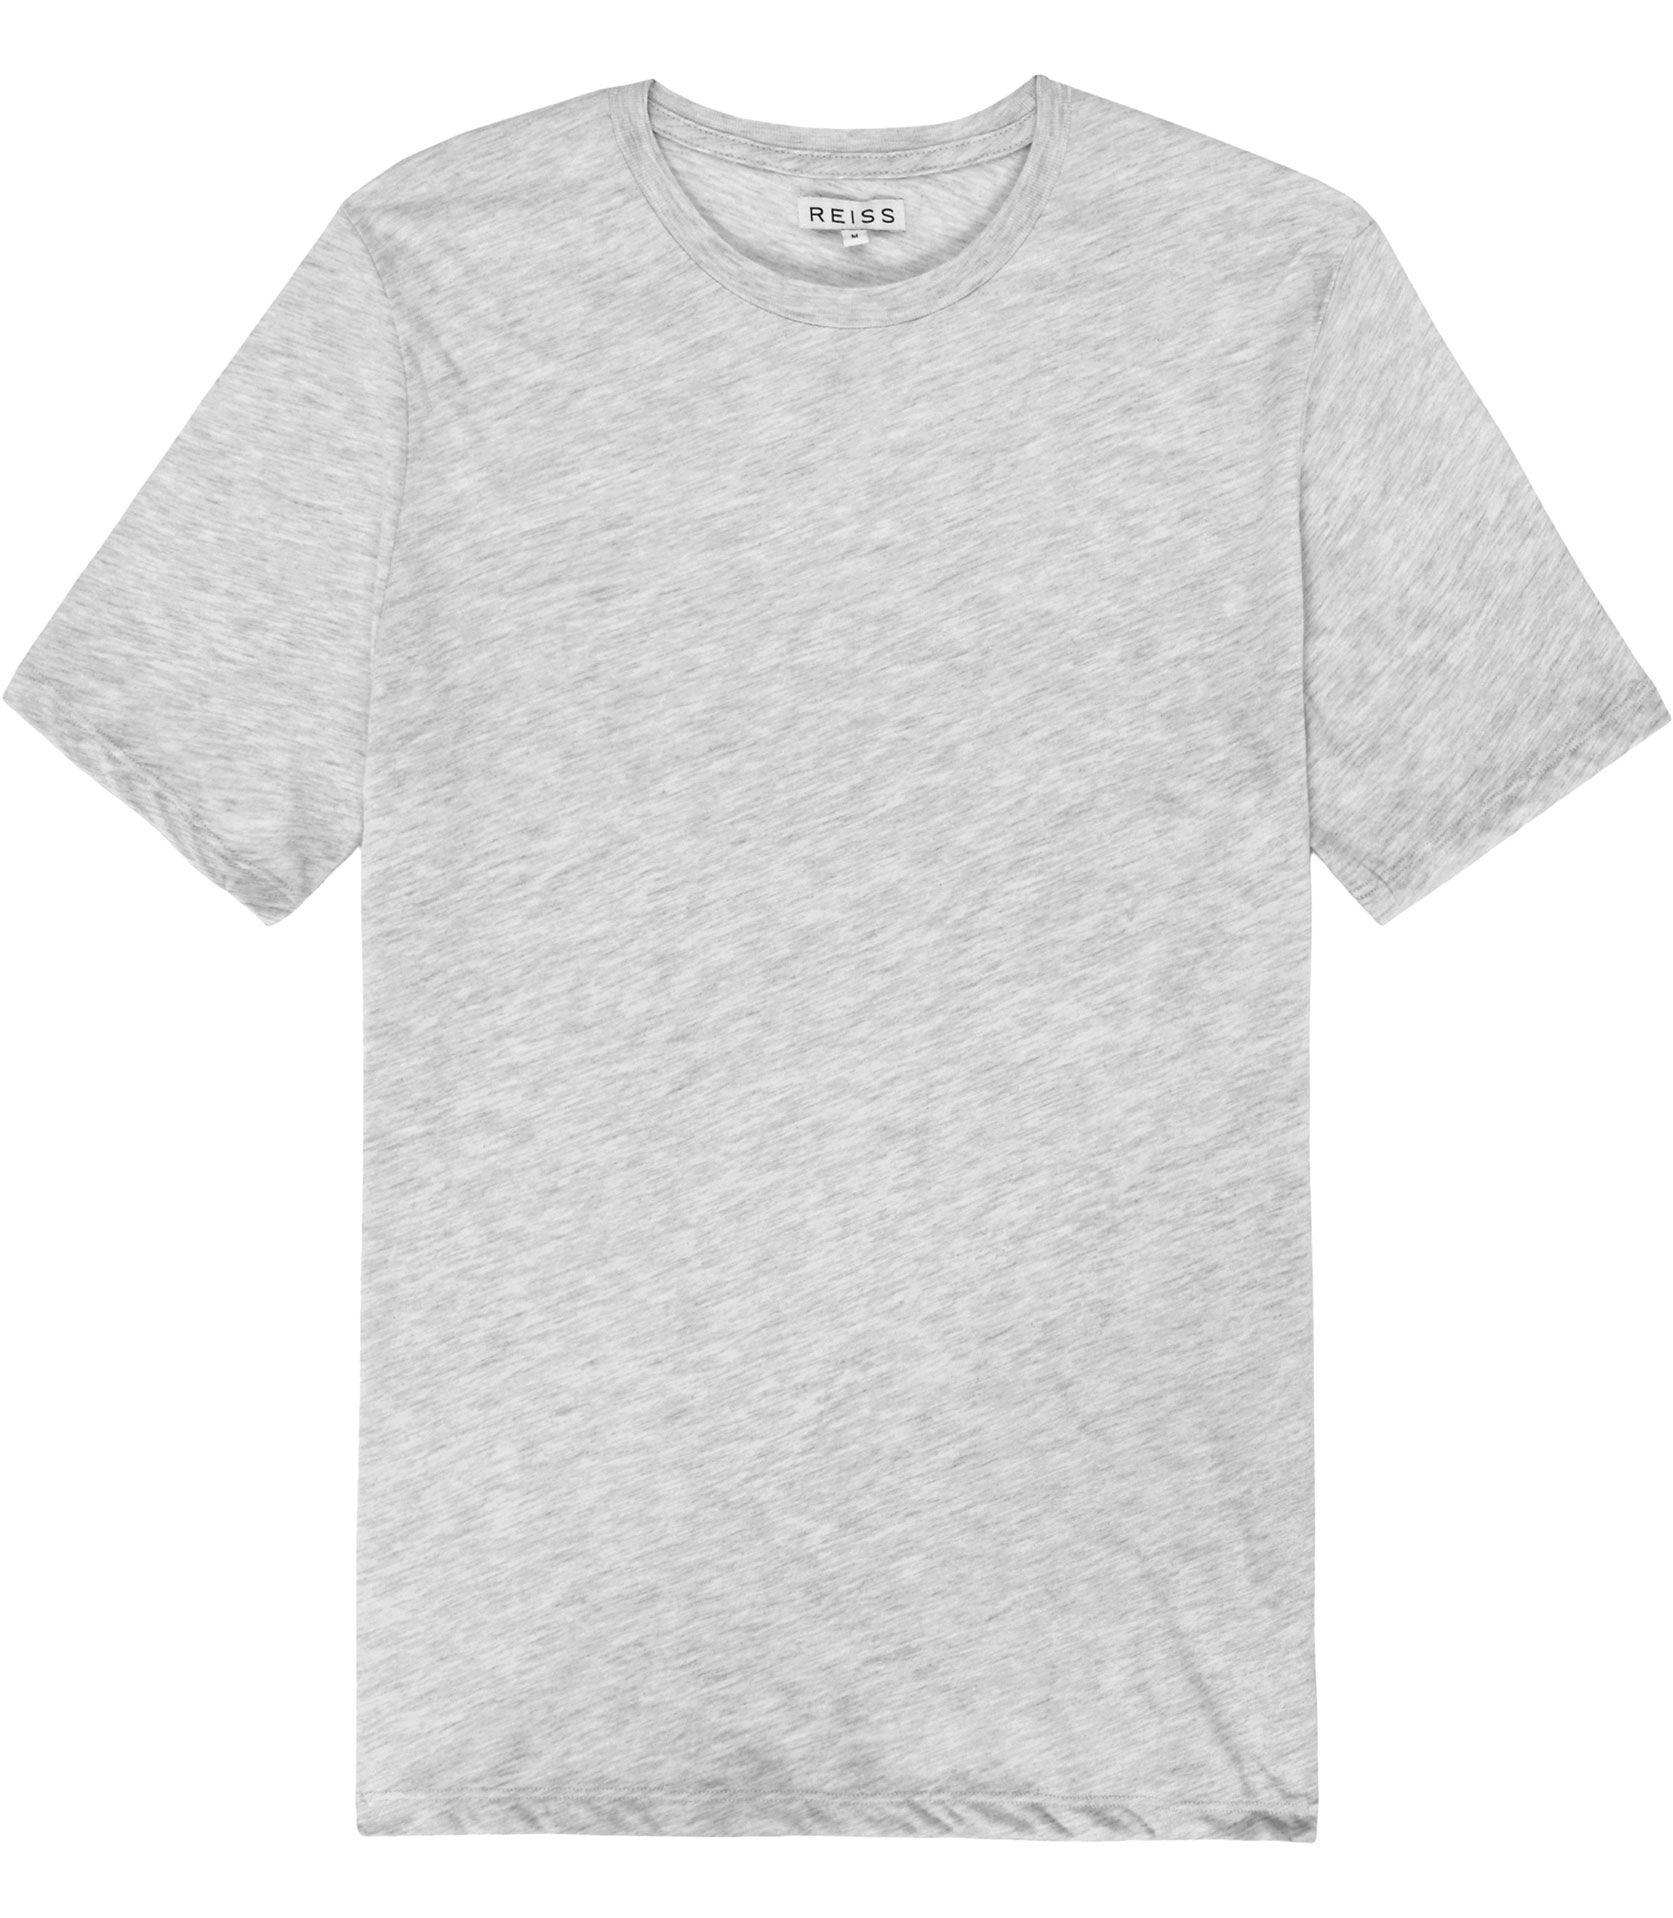 Black t shirt reiss - Mens Grey Crew Neck T Shirt Reiss Bless Marl